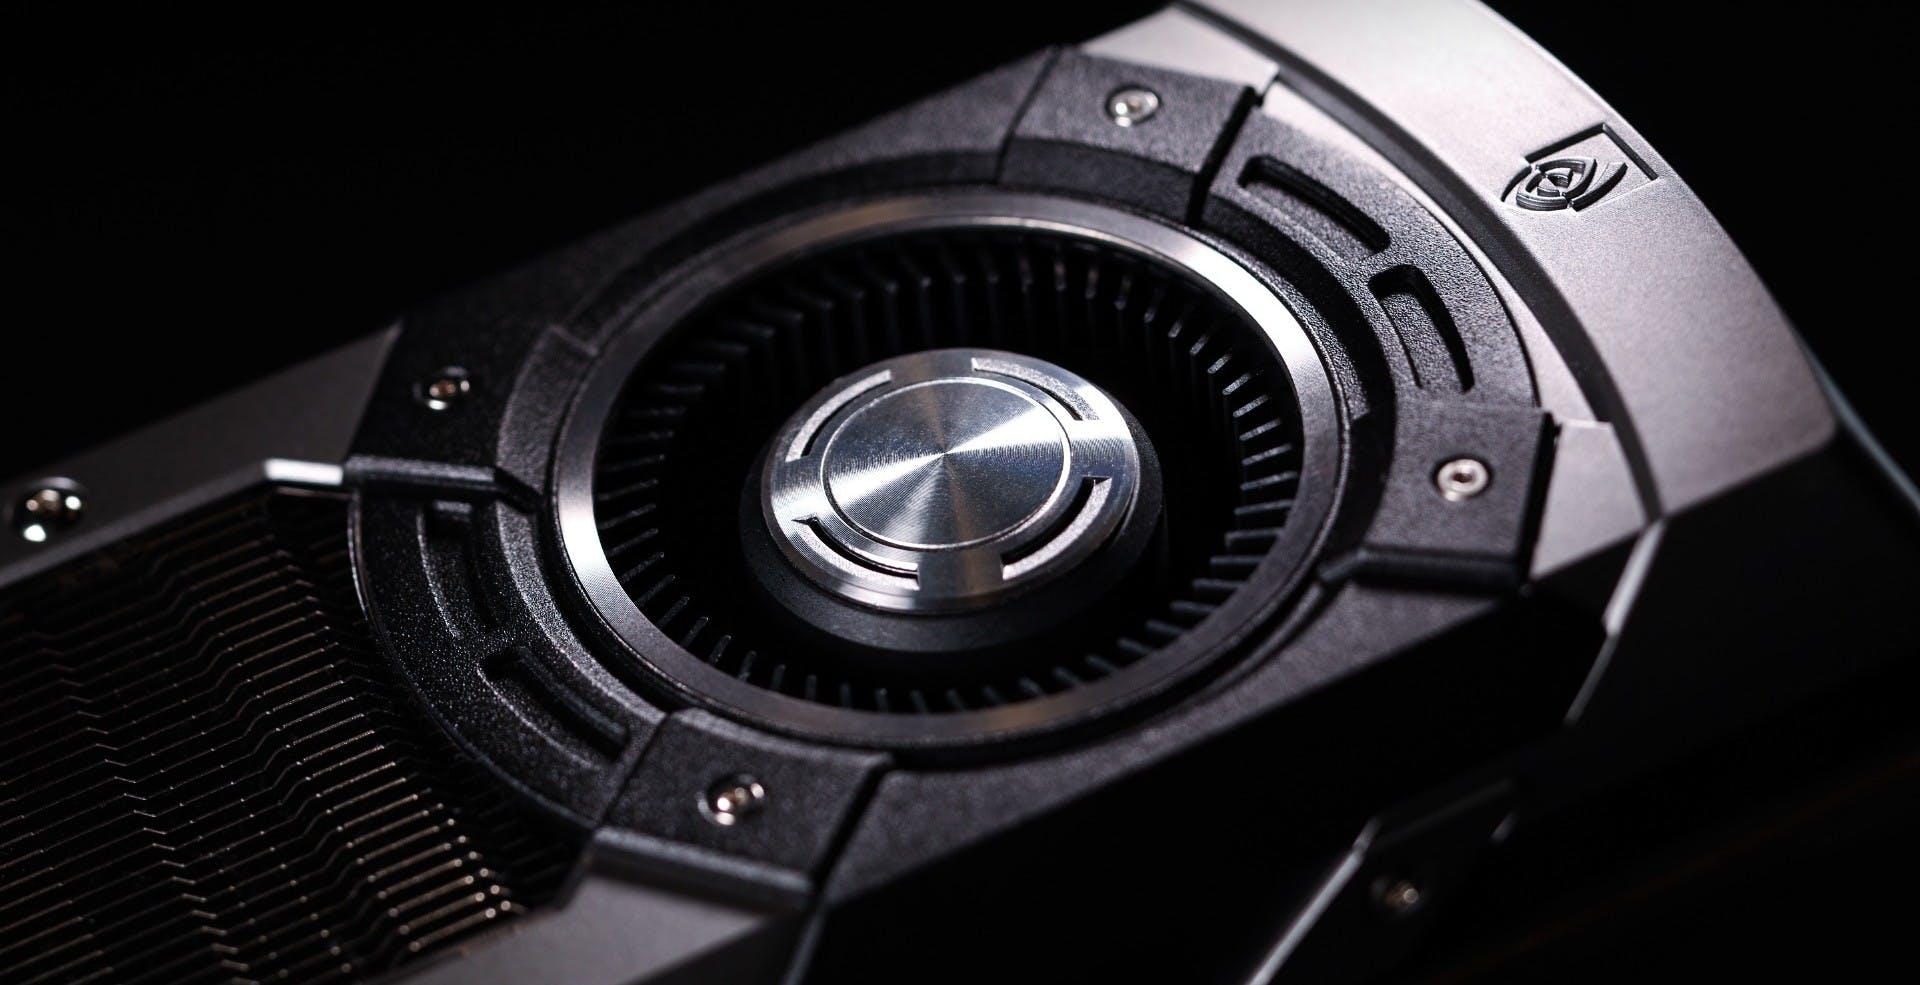 Le nuove GPU Nvidia sfrutteranno un nuovo connettore a 12-pin